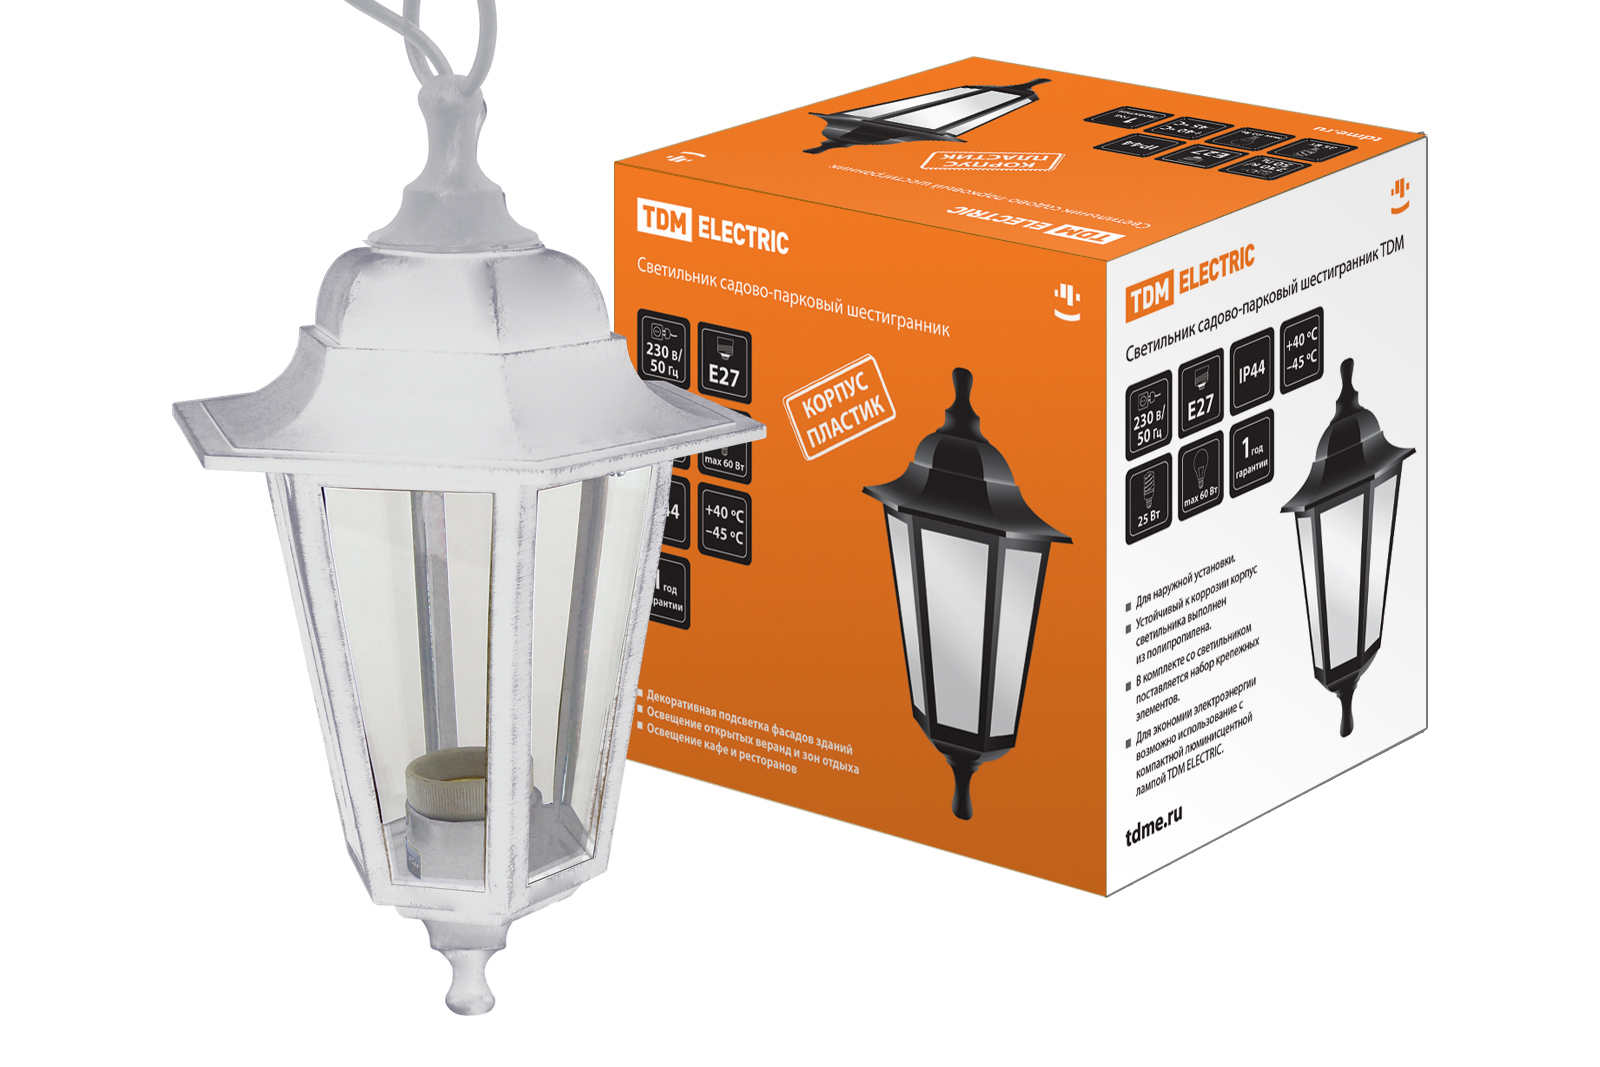 Светильник уличный ТДМСветильники уличные<br>Мощность: 60,<br>Тип установки: настенный,<br>Стиль светильника: классика,<br>Материал светильника: полипропилен,<br>Количество ламп: 1,<br>Патрон: Е27,<br>Степень защиты от пыли и влаги: IP 44,<br>Цвет арматуры: белый<br>